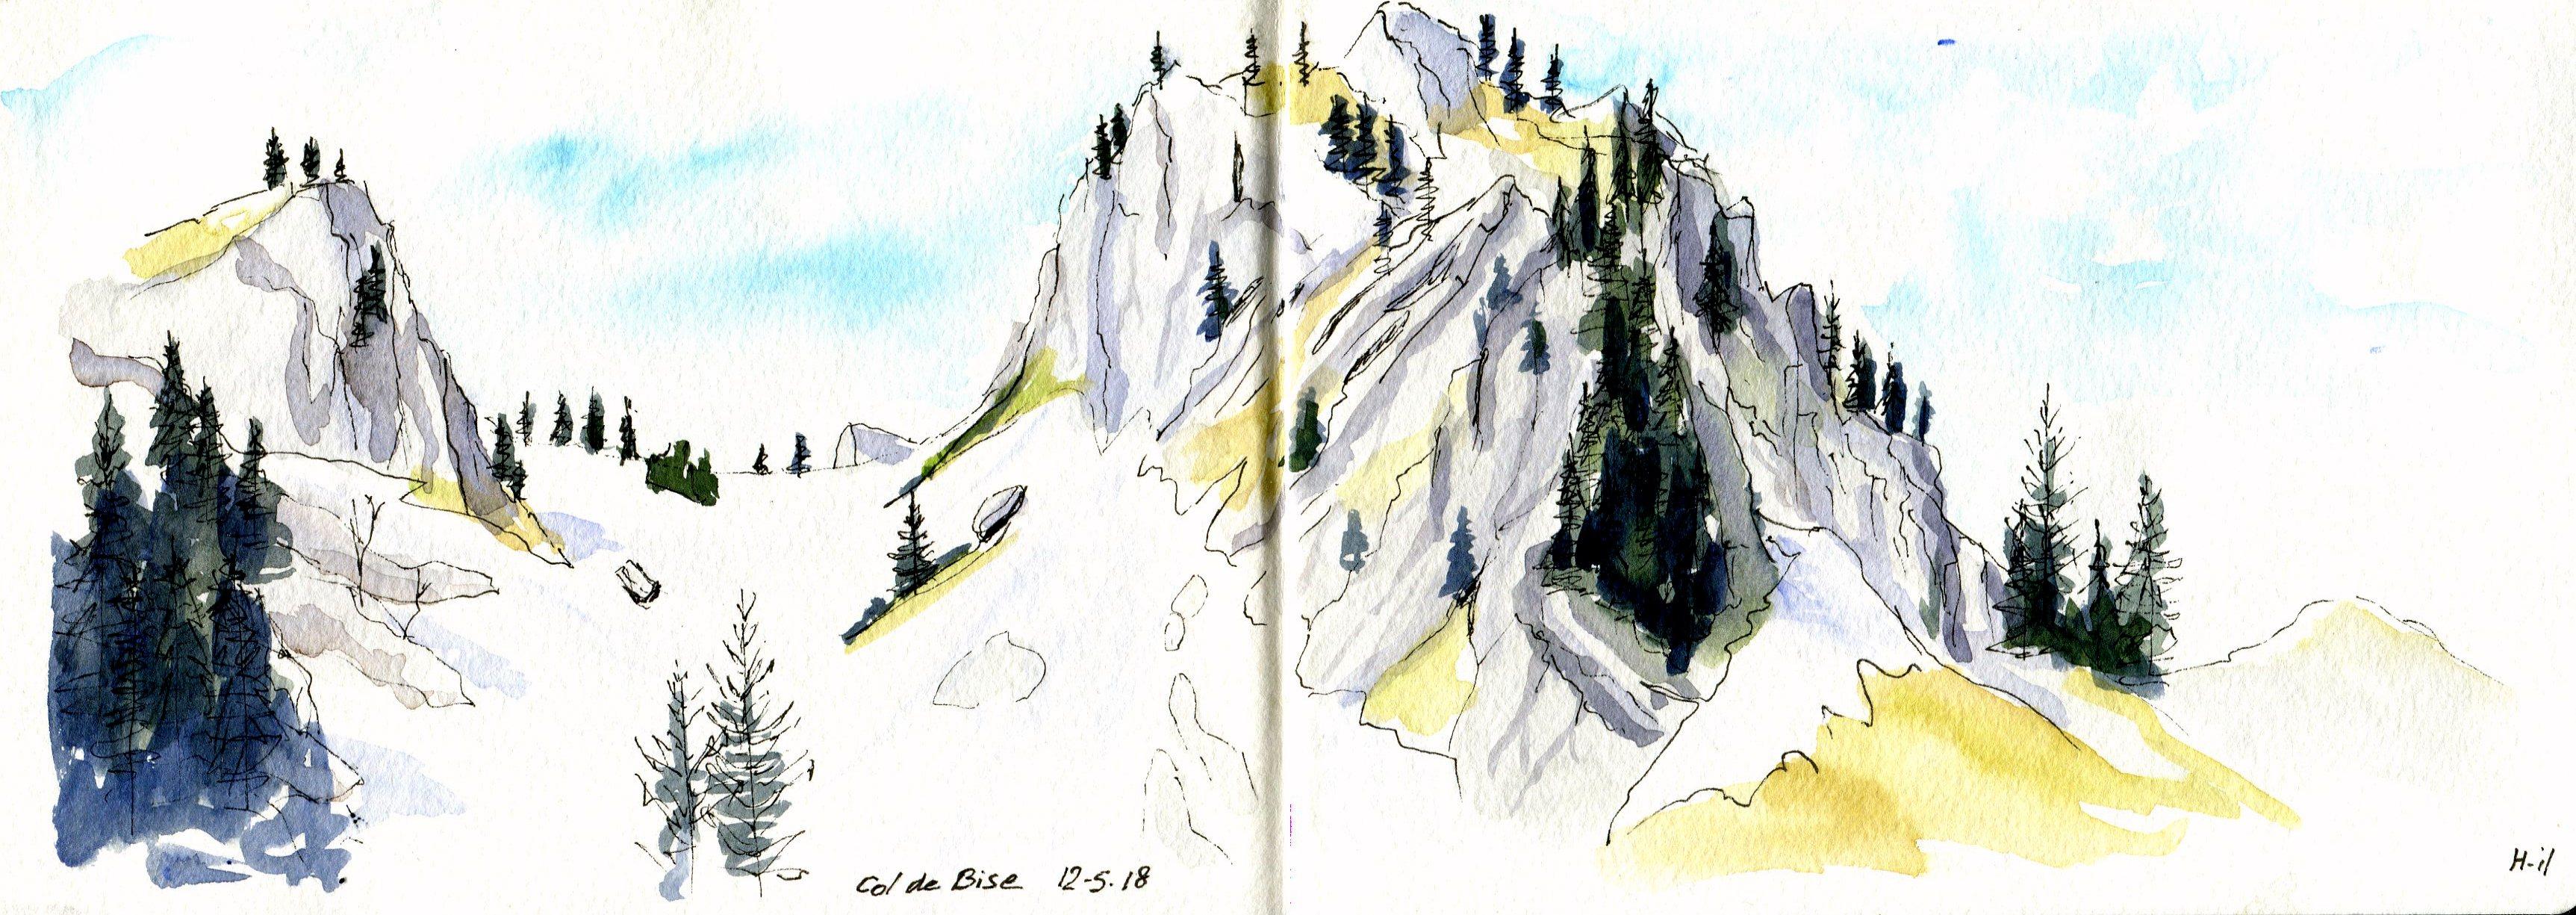 Col de Bise018